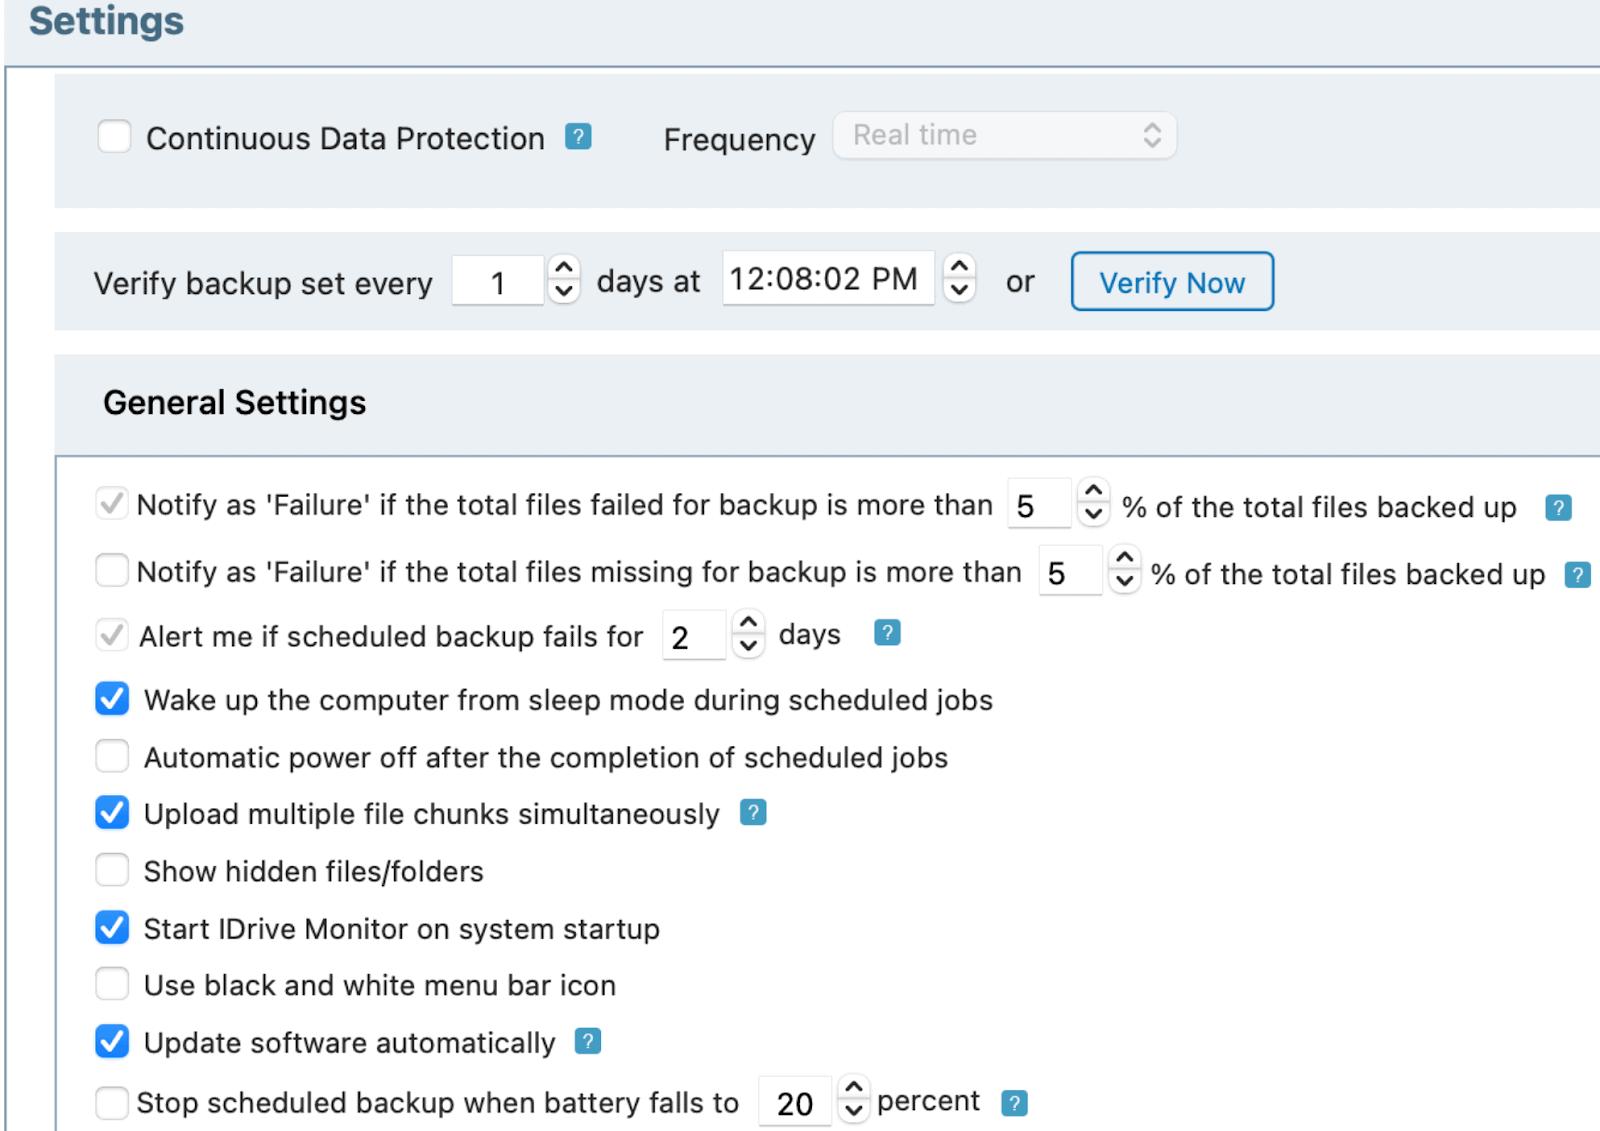 IDrive's Settings options